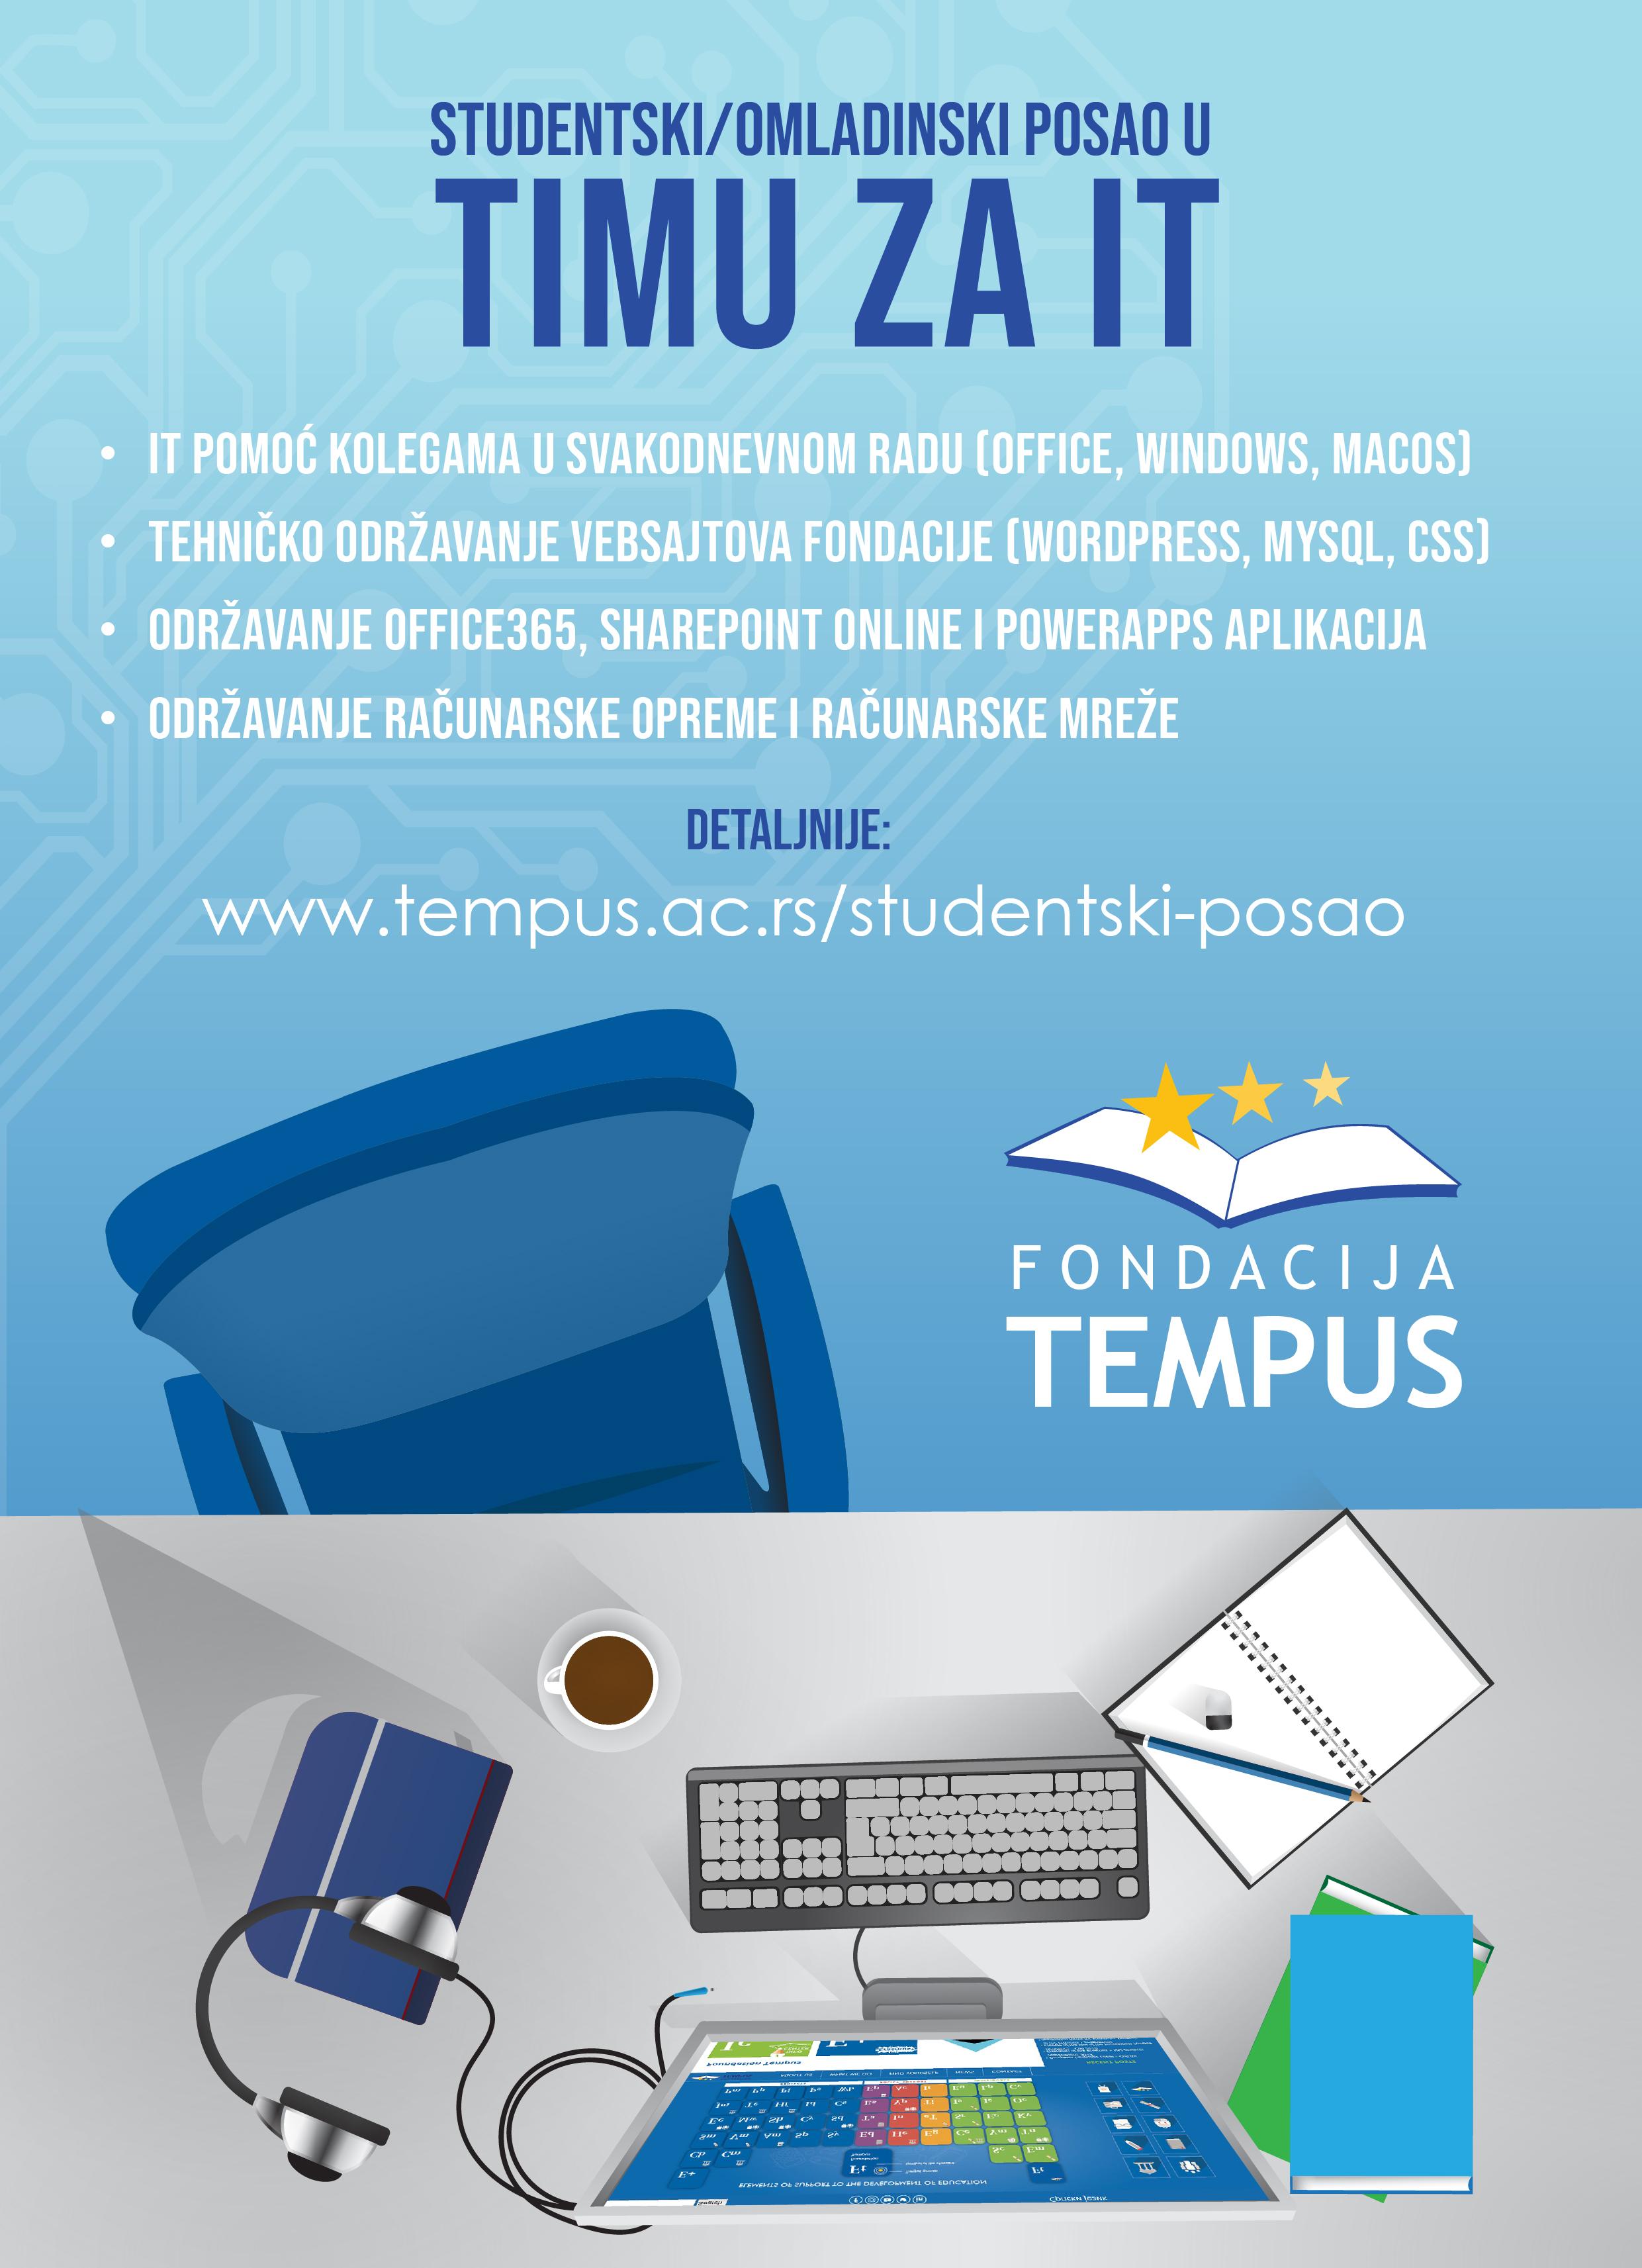 Више инфо на: https://tempus.ac.rs/studentski-posao/